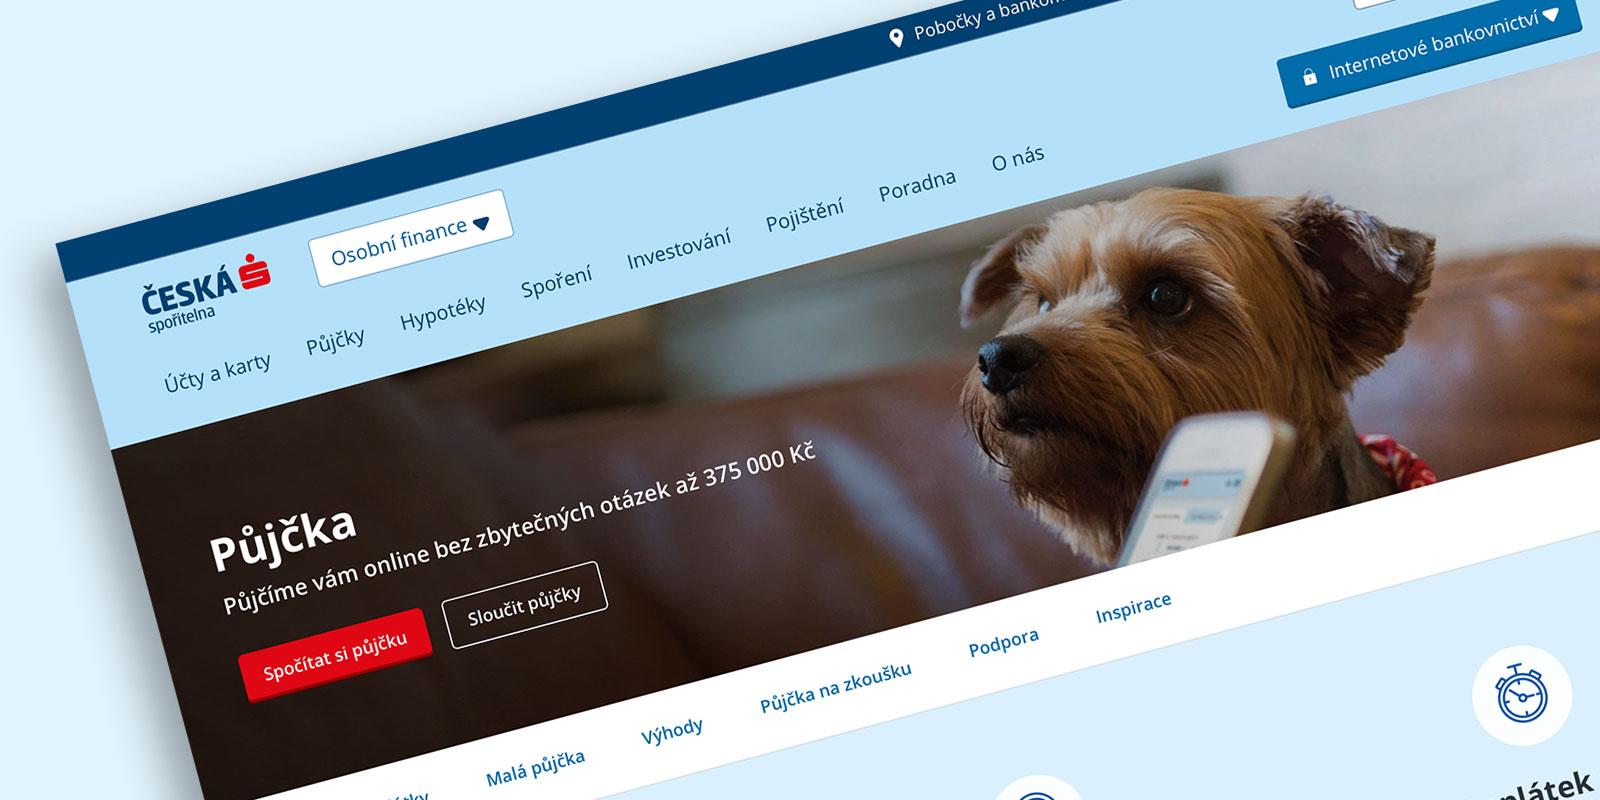 Česká spořitelna nabízí půjčku na zkoušku, pokud ji splatíte do 30 dnů je bez úroků a poplatků